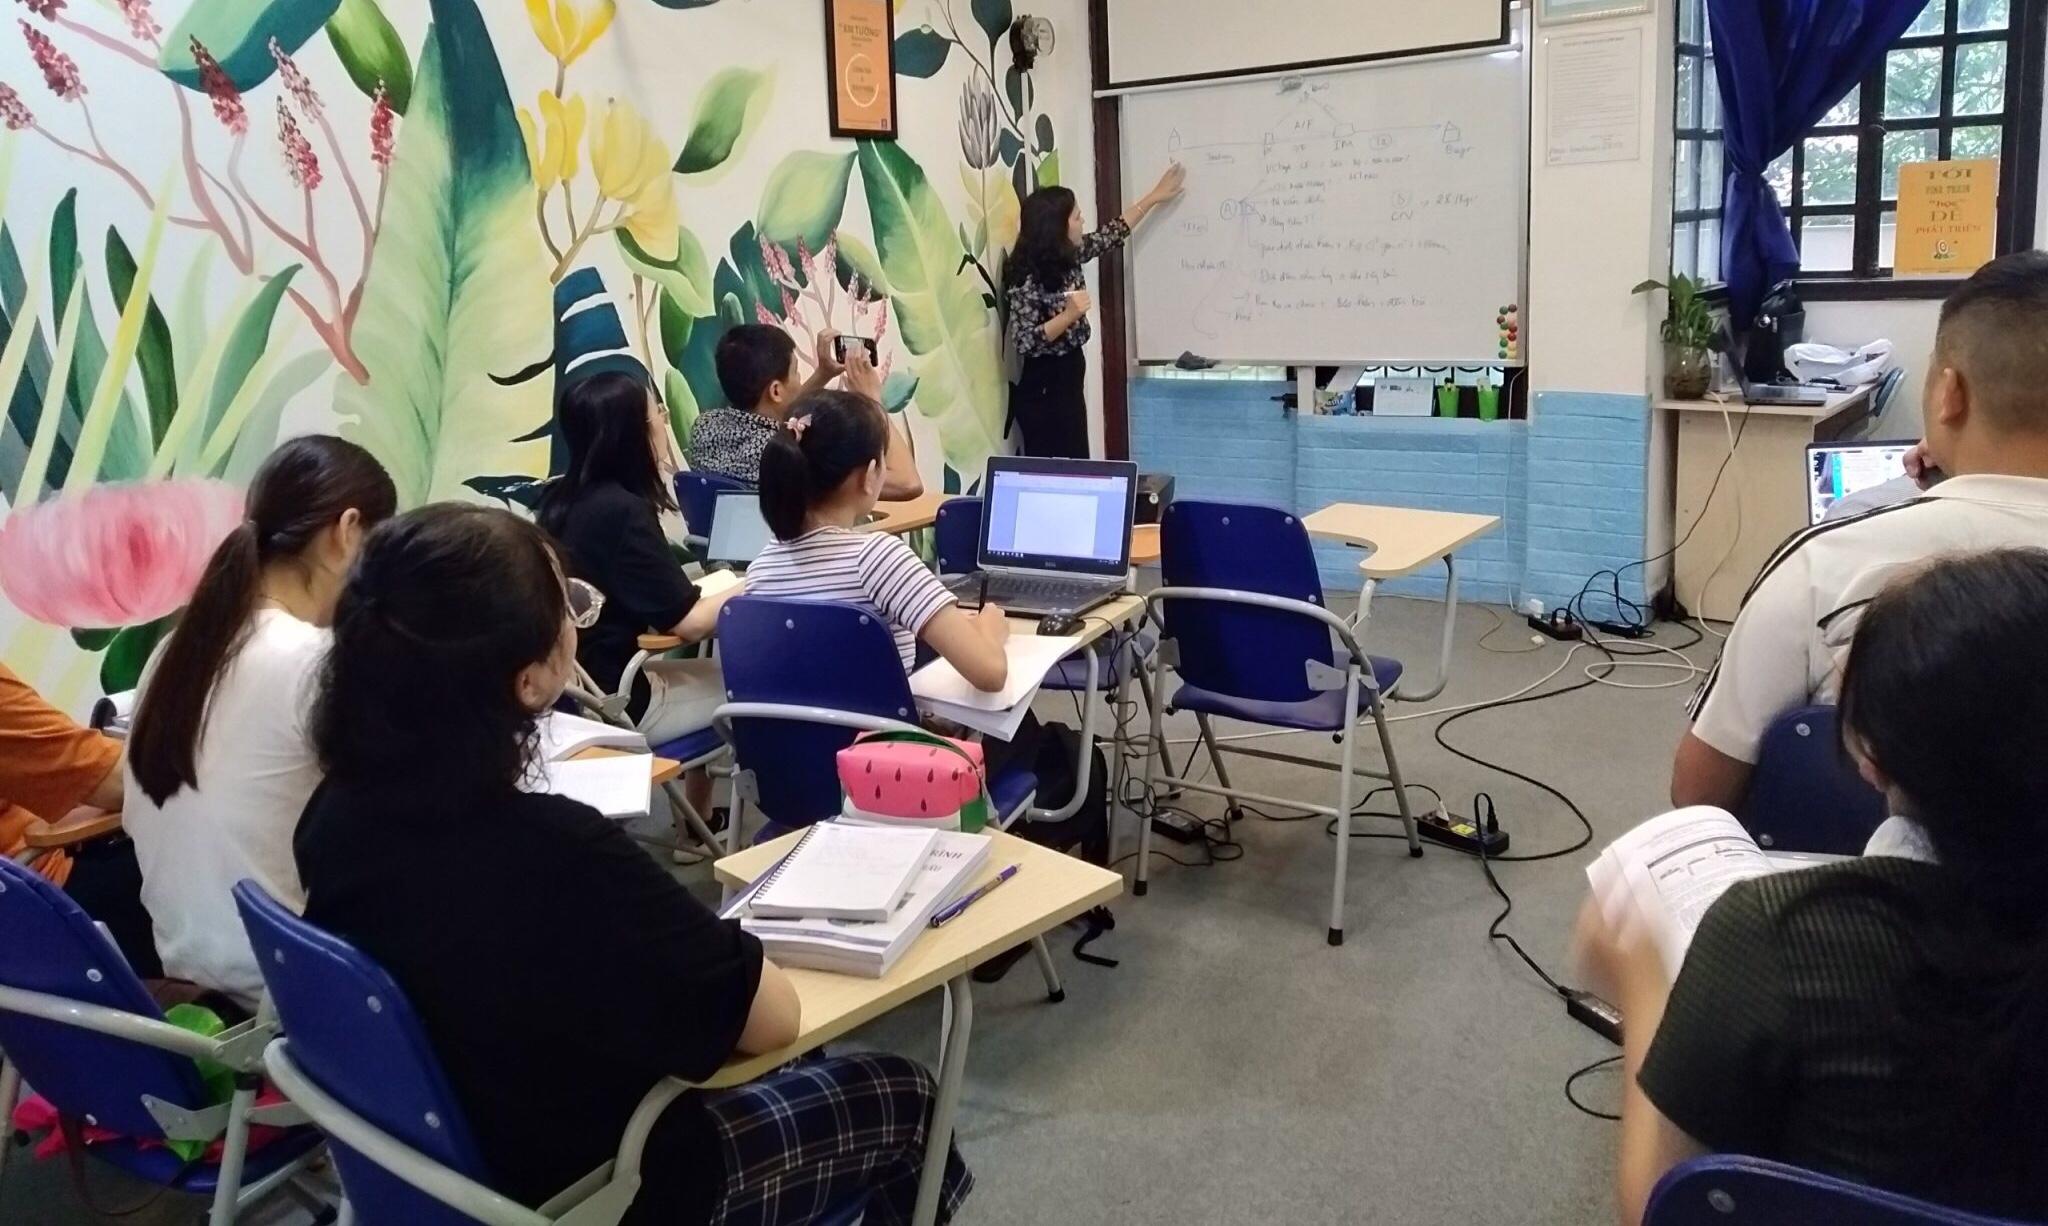 Lớp đào tạo hành chính văn phòng mà mình học tại đây cũng không đông quá (ảnh tác giả cung cấp)